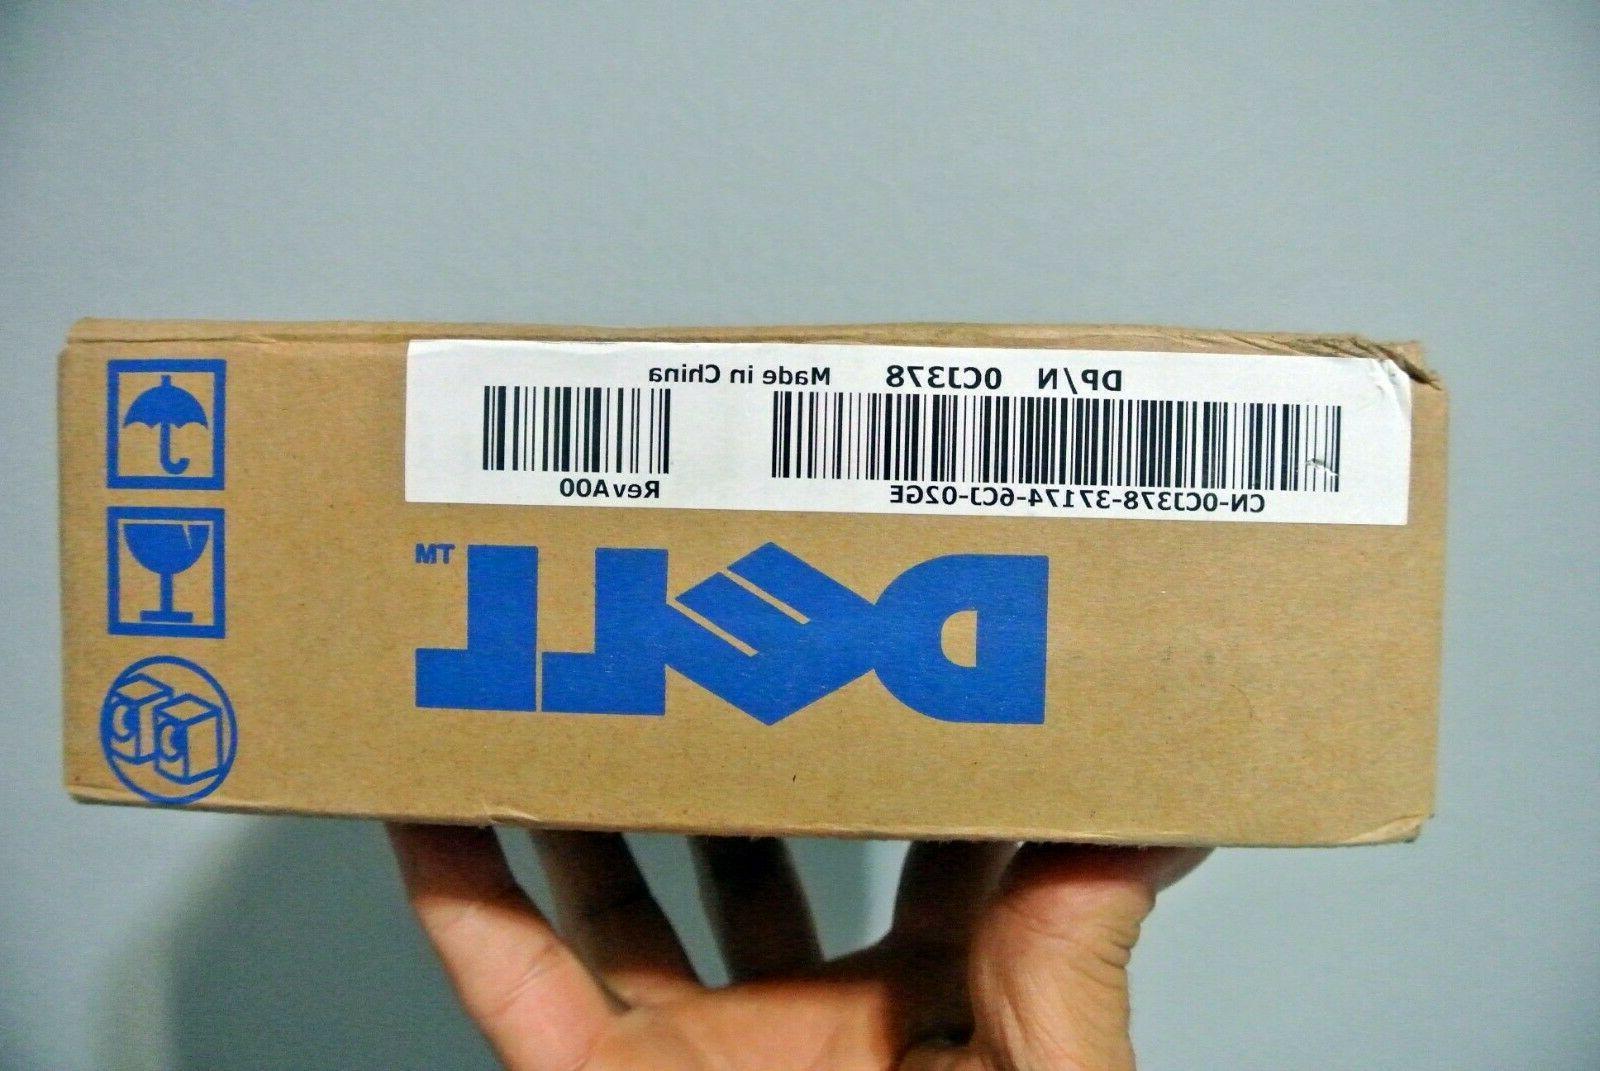 new in box 0cj378 a225 usb multimedia